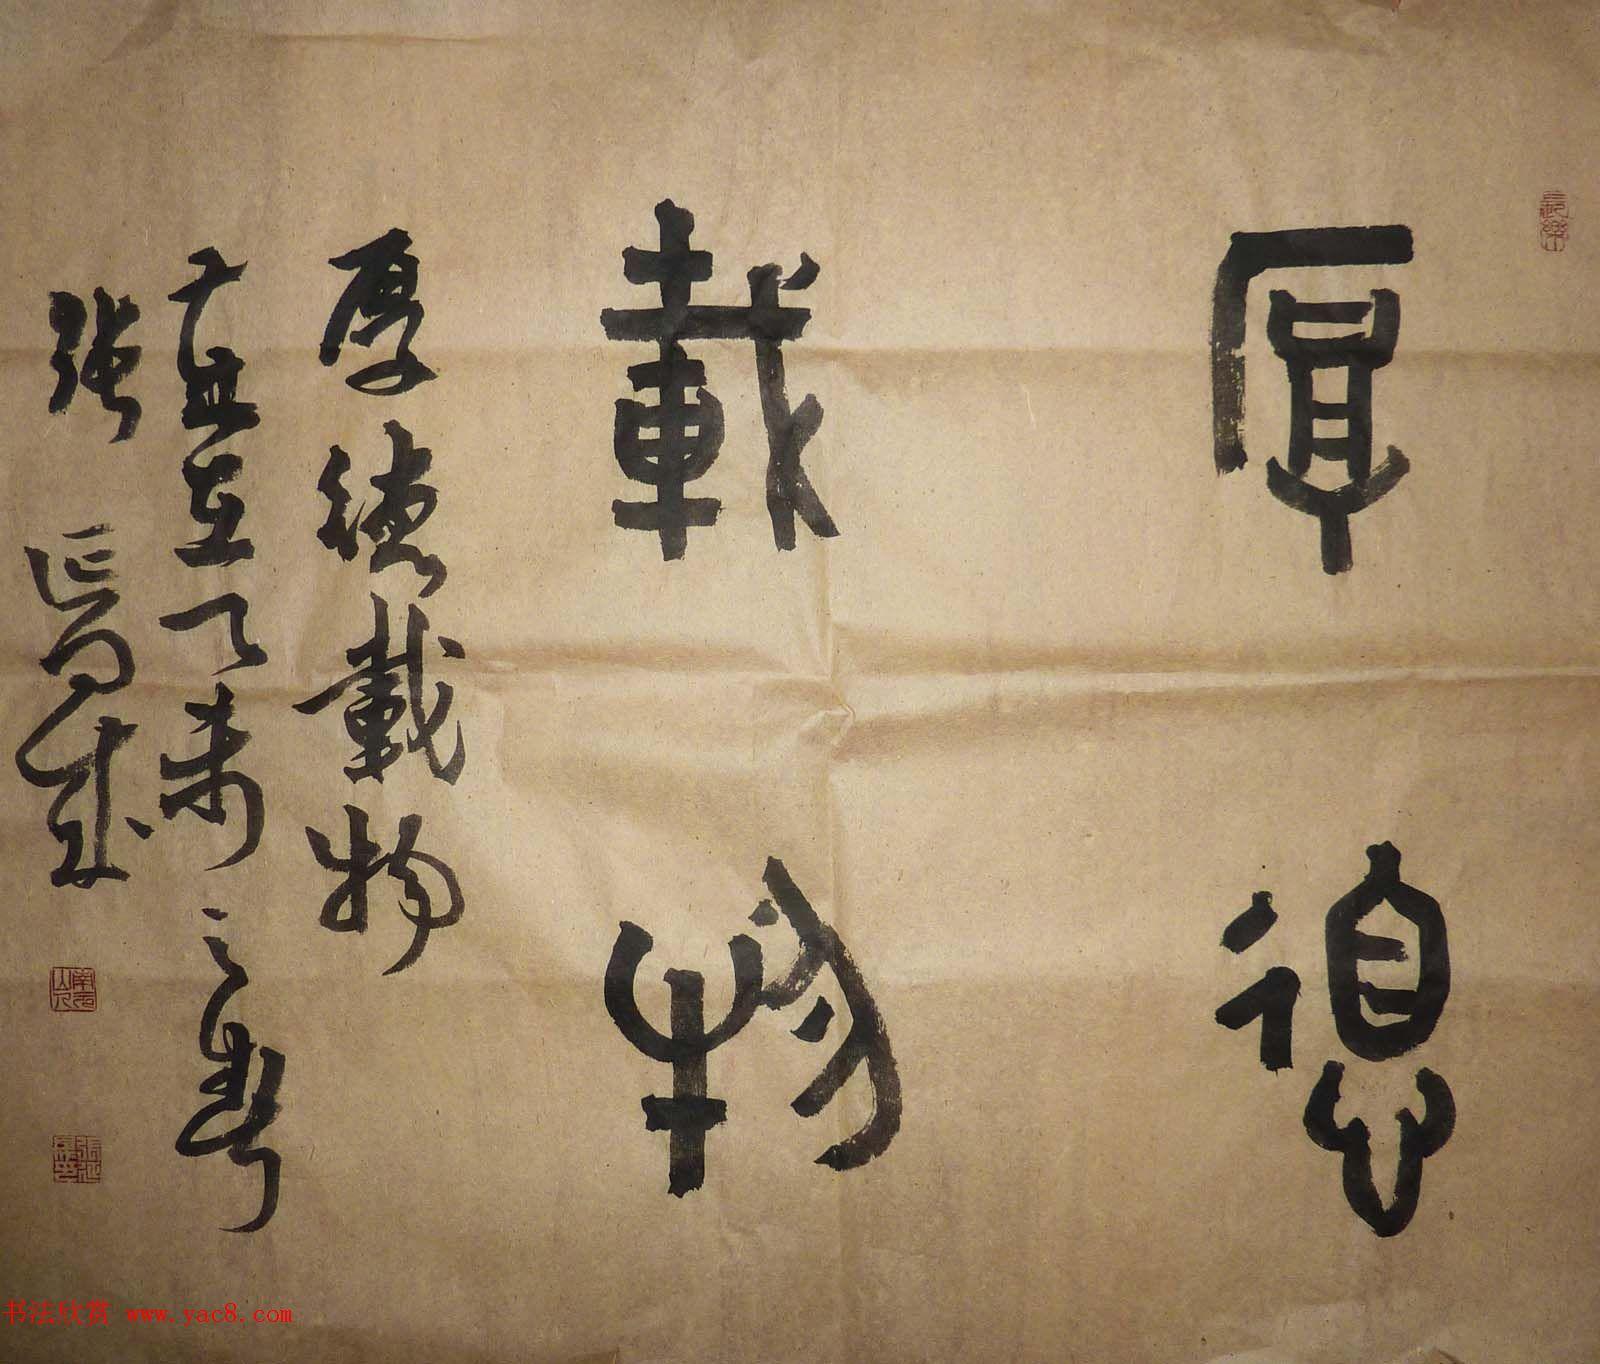 稿选刊 张延晟行草书法作品条幅与对联投稿作品书法欣赏